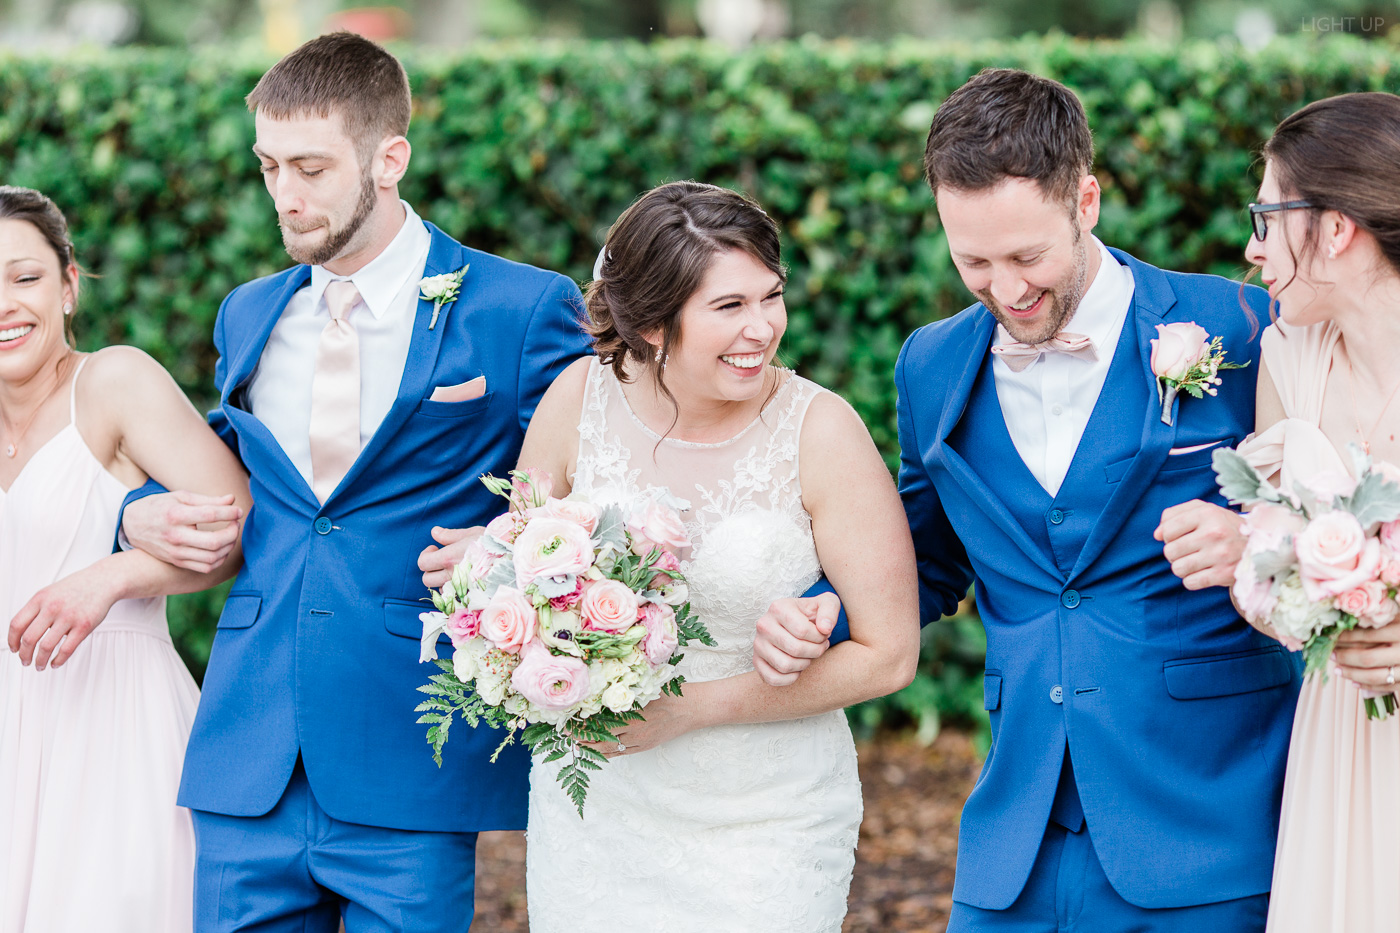 Fun-bridal-party-photos-2.jpg